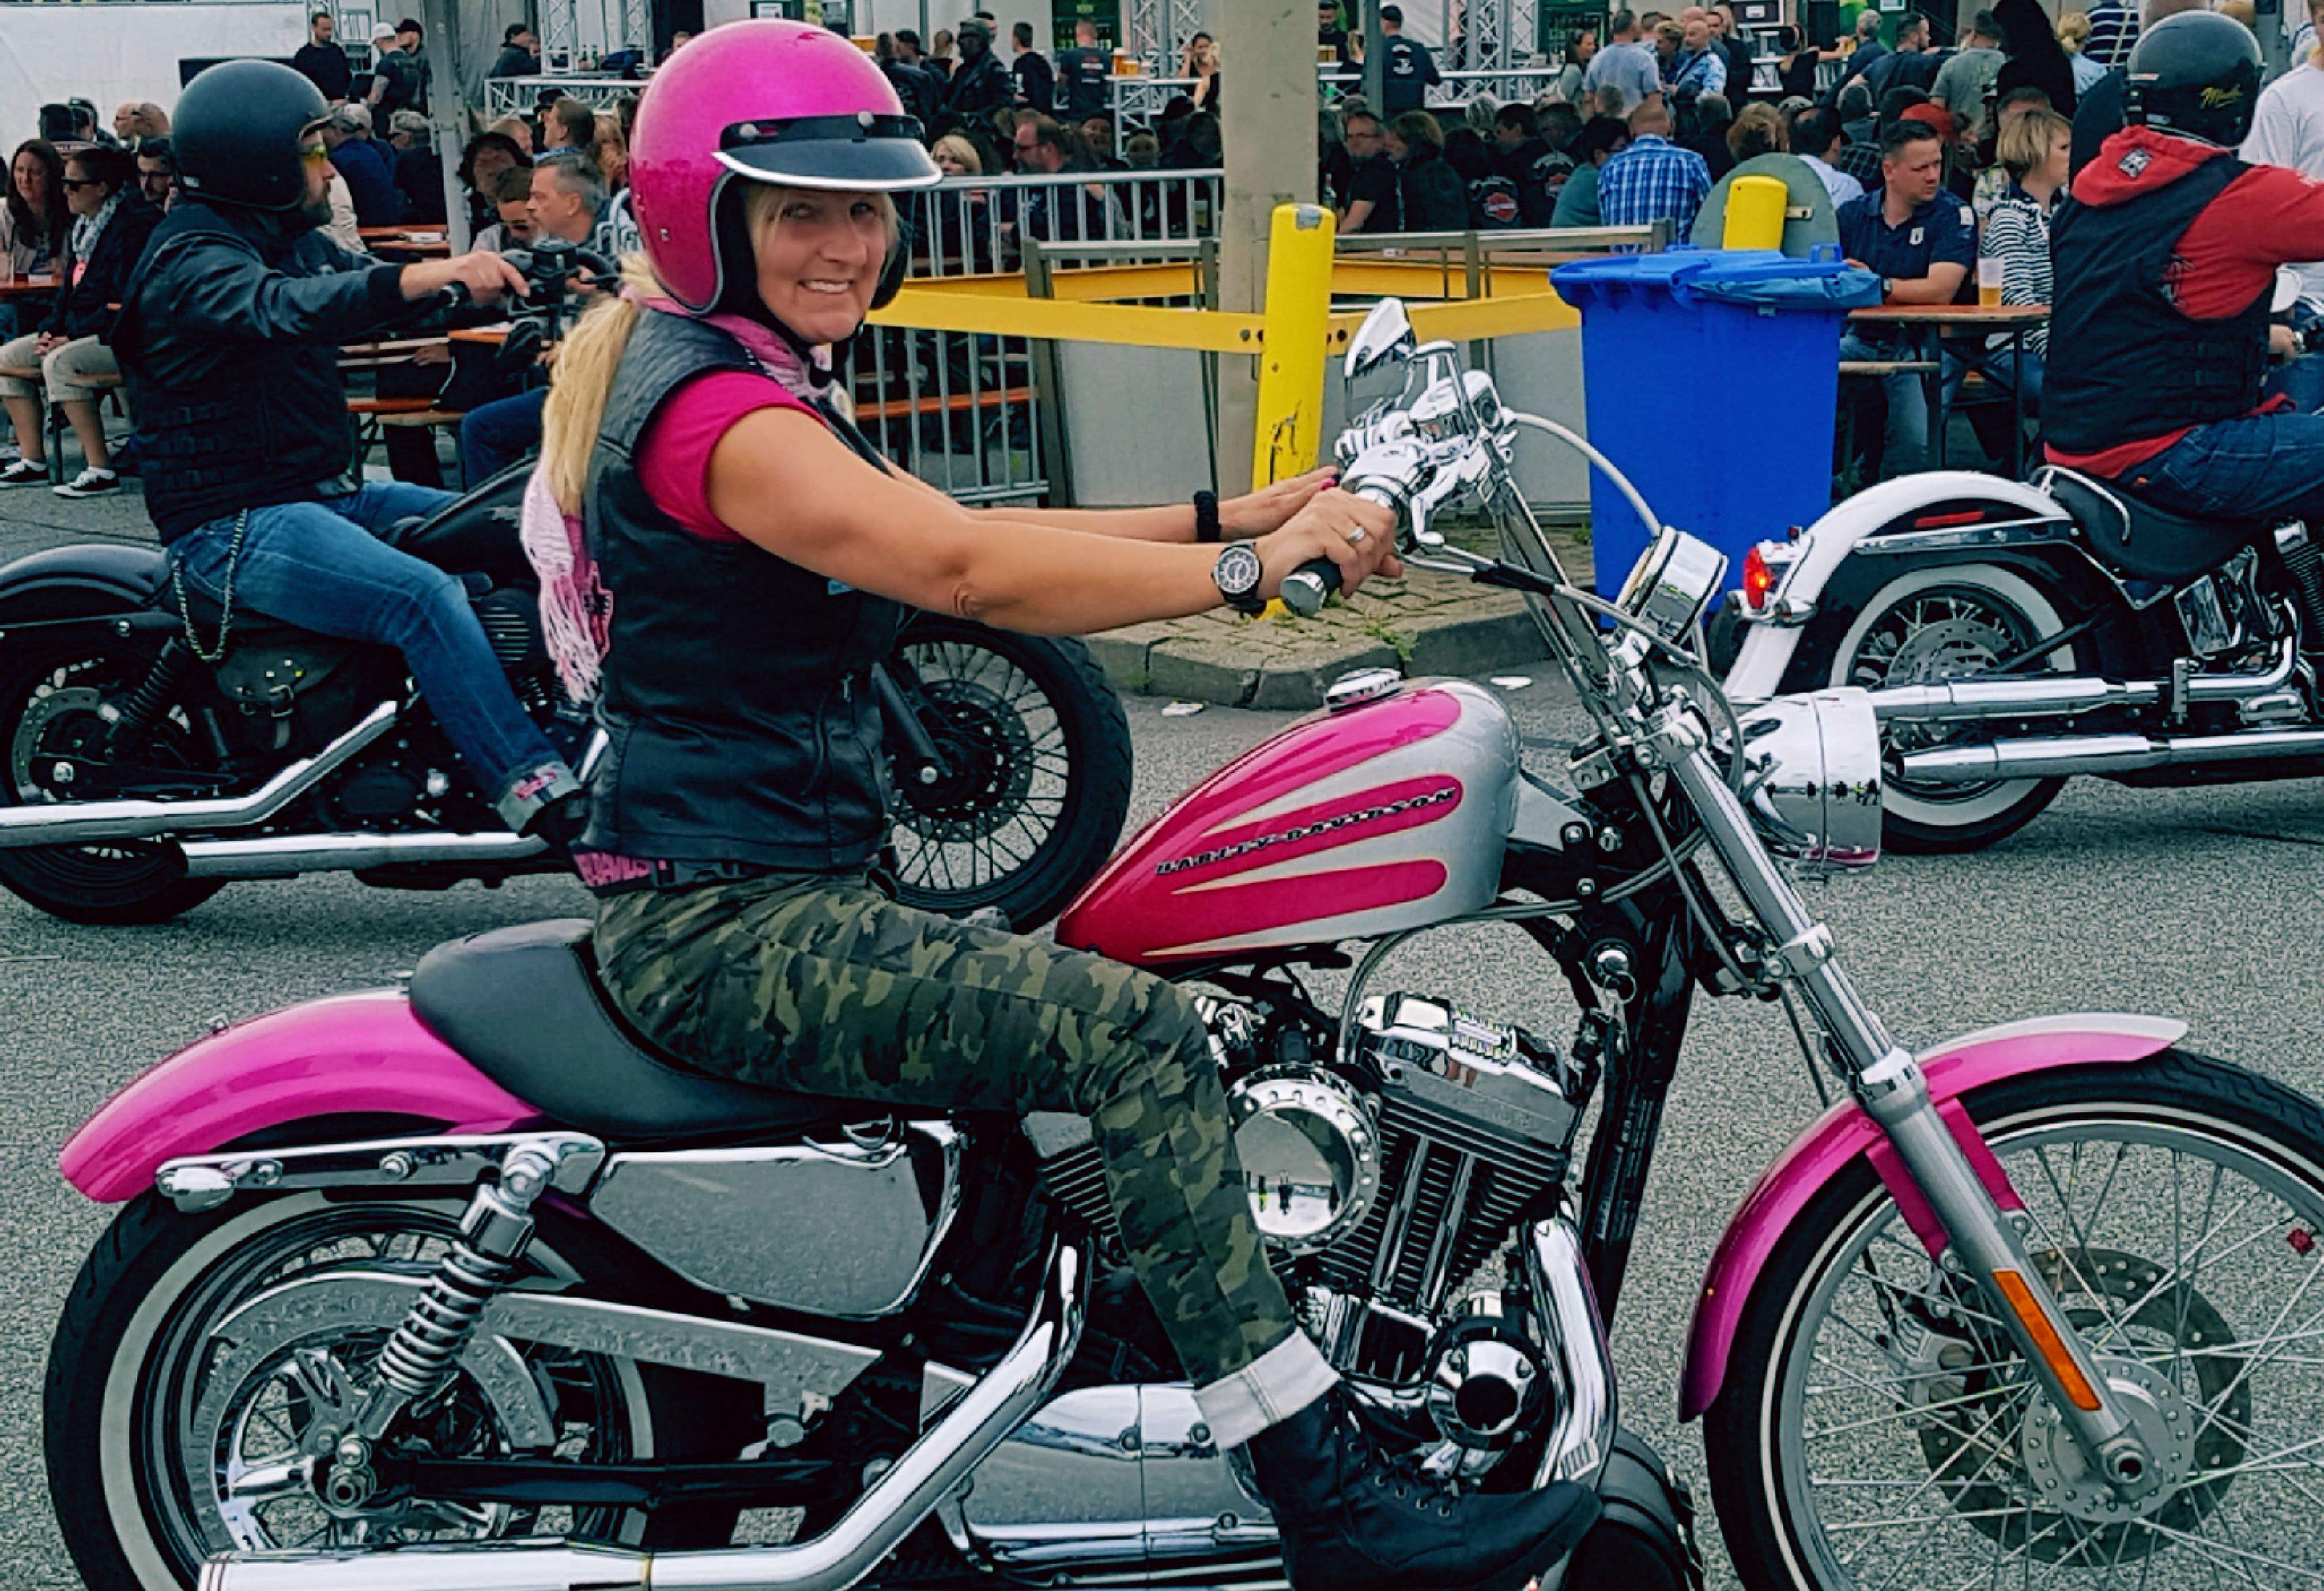 Harley Days Hamburg, 2020, Biker, Motorrad, Motorradfahrer, Harley Davidson, Grossmarkt, Grossveranstaltung, Hamburg, Verschiebung Termin, HEIDI VOM LANDE, Nachrichten, News